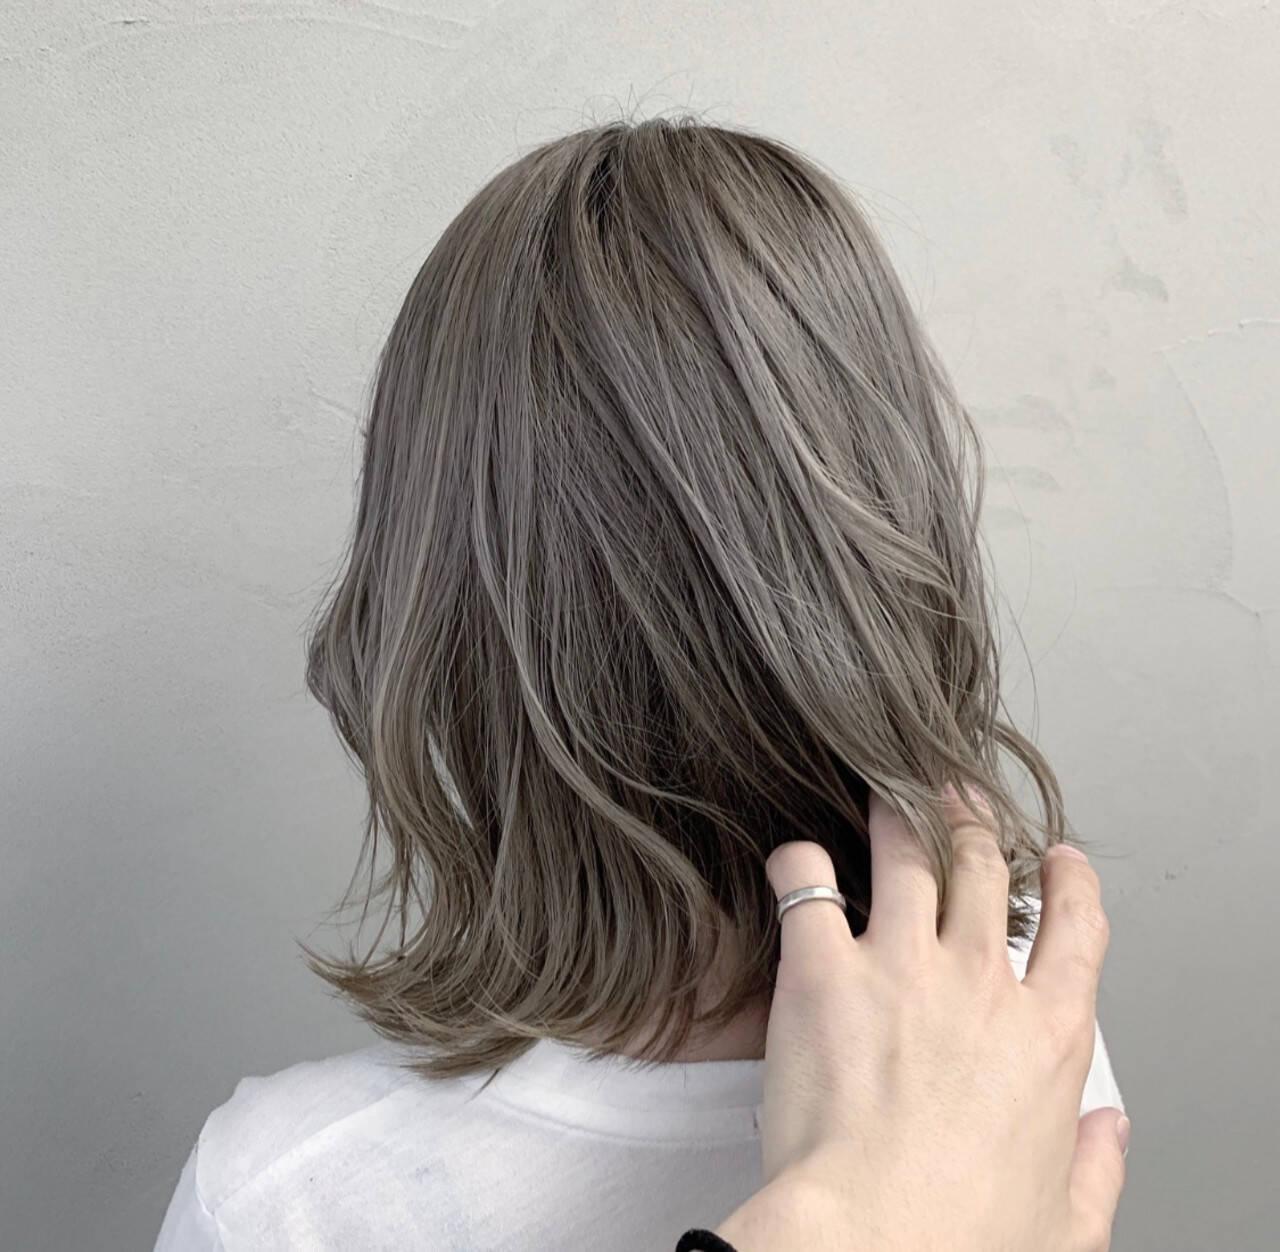 ラベンダーグレージュ ホワイトシルバー モード ホワイトグレージュヘアスタイルや髪型の写真・画像